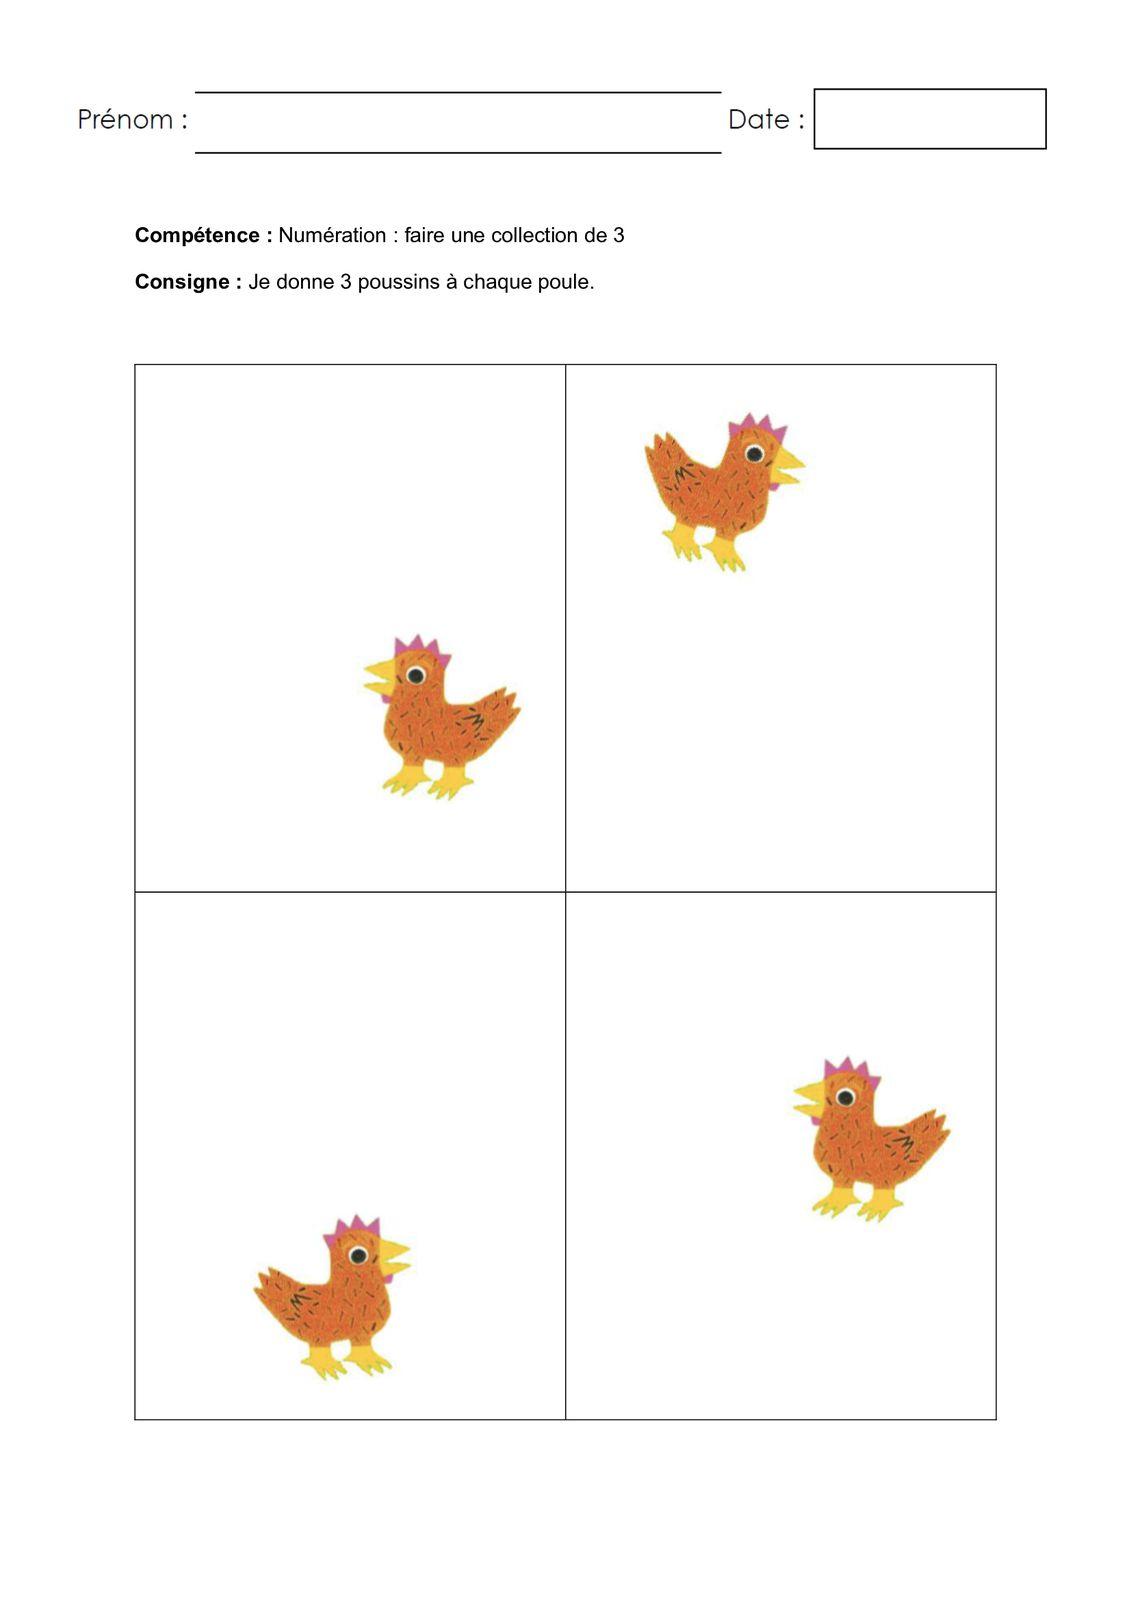 La Petite Poule Rousse Images Séquentielles : petite, poule, rousse, images, séquentielles, Petite, Poule, Rousse, Activités, Classe, Nazaire